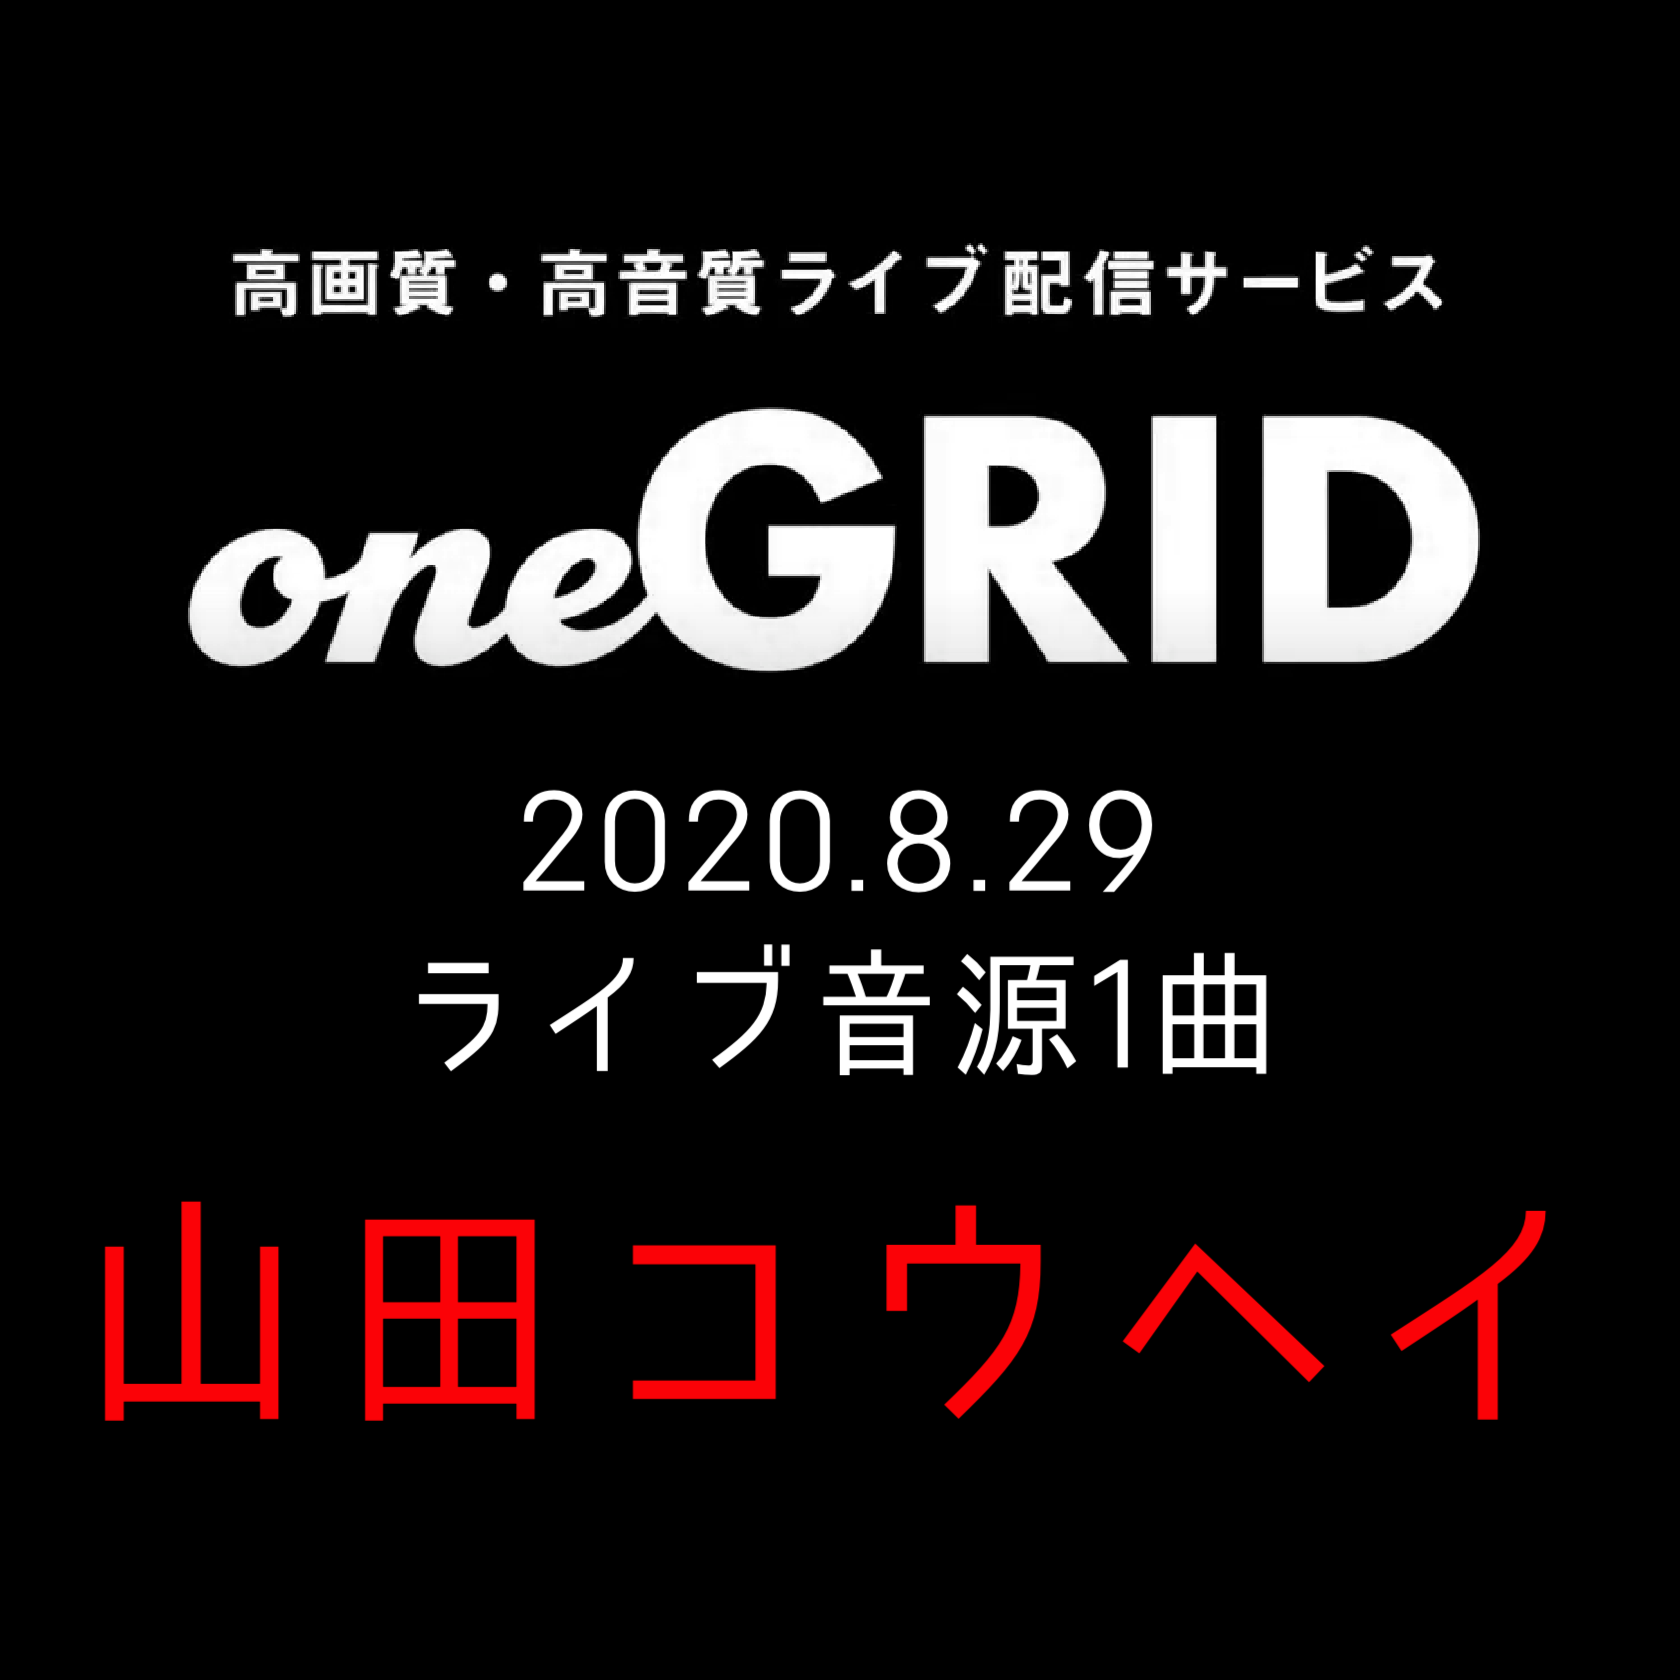 8/29山田コウヘイ ライブ音源